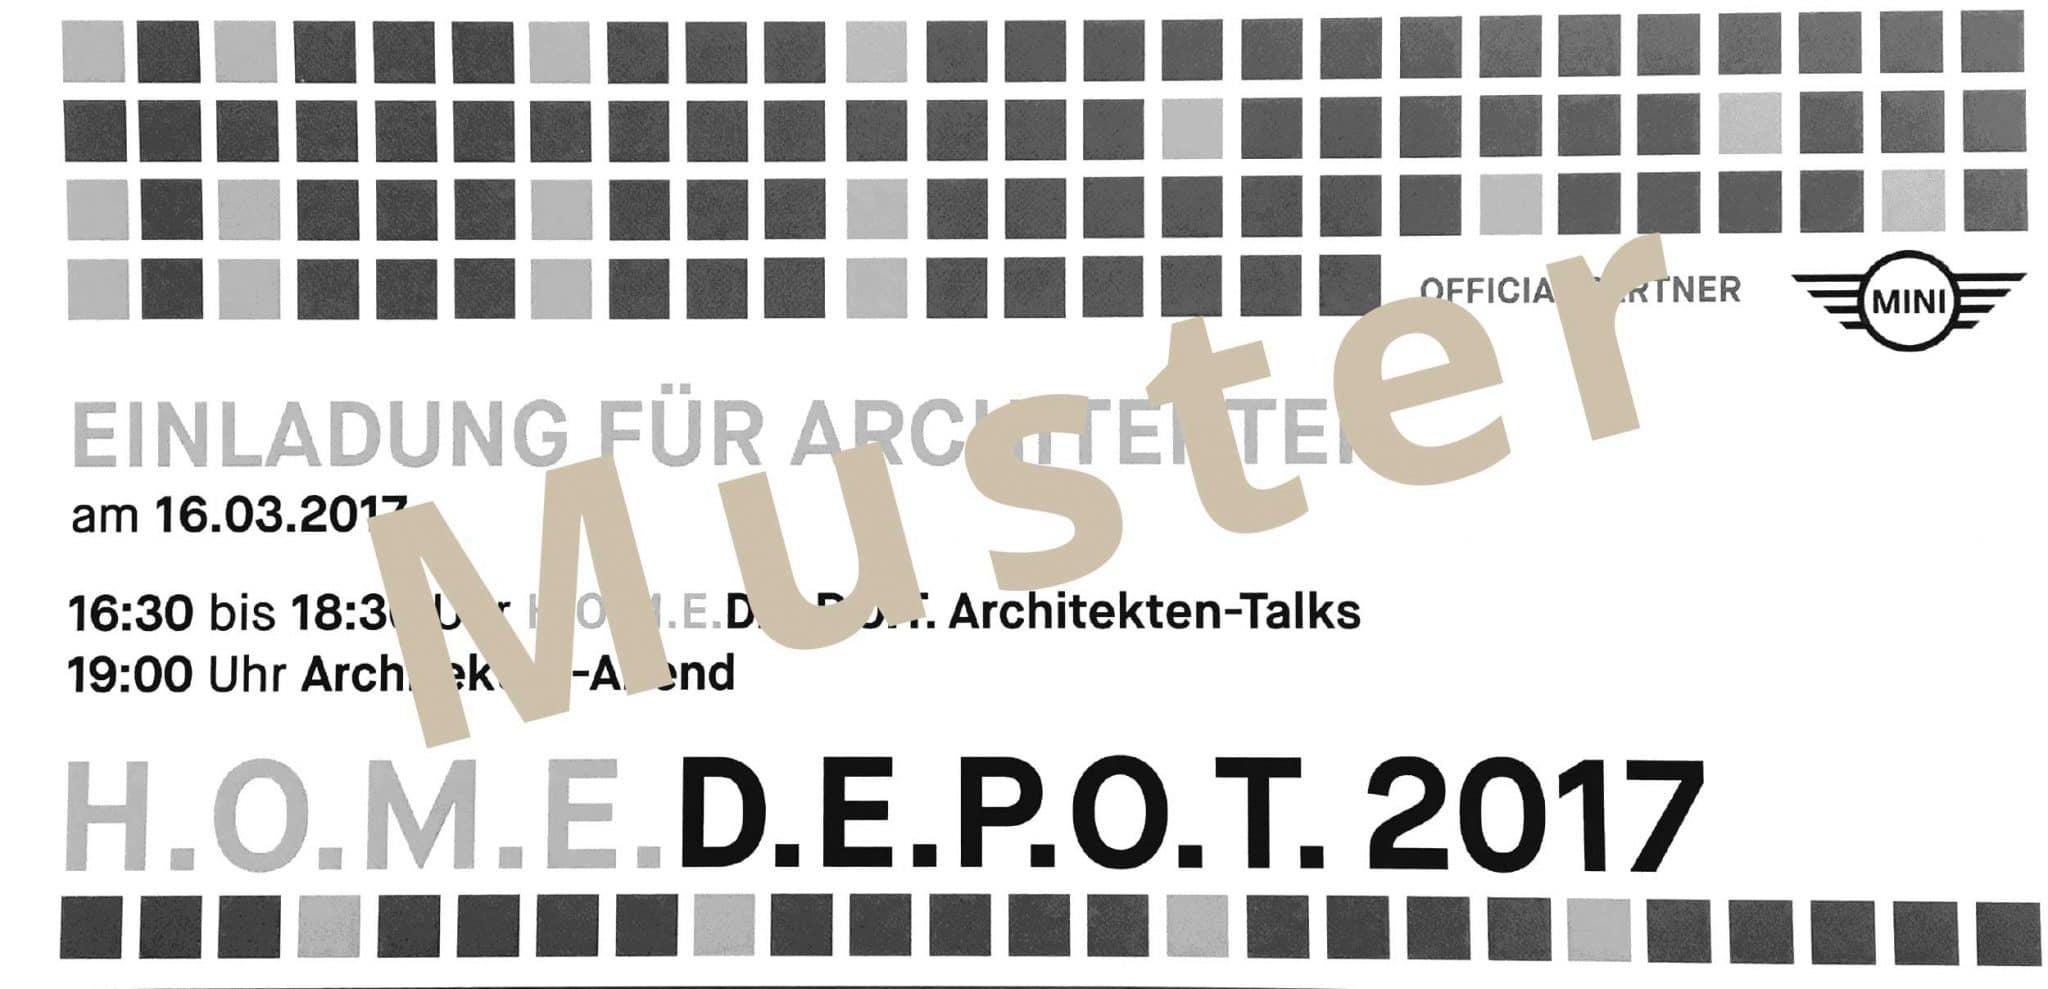 Architkten-einladung-muster